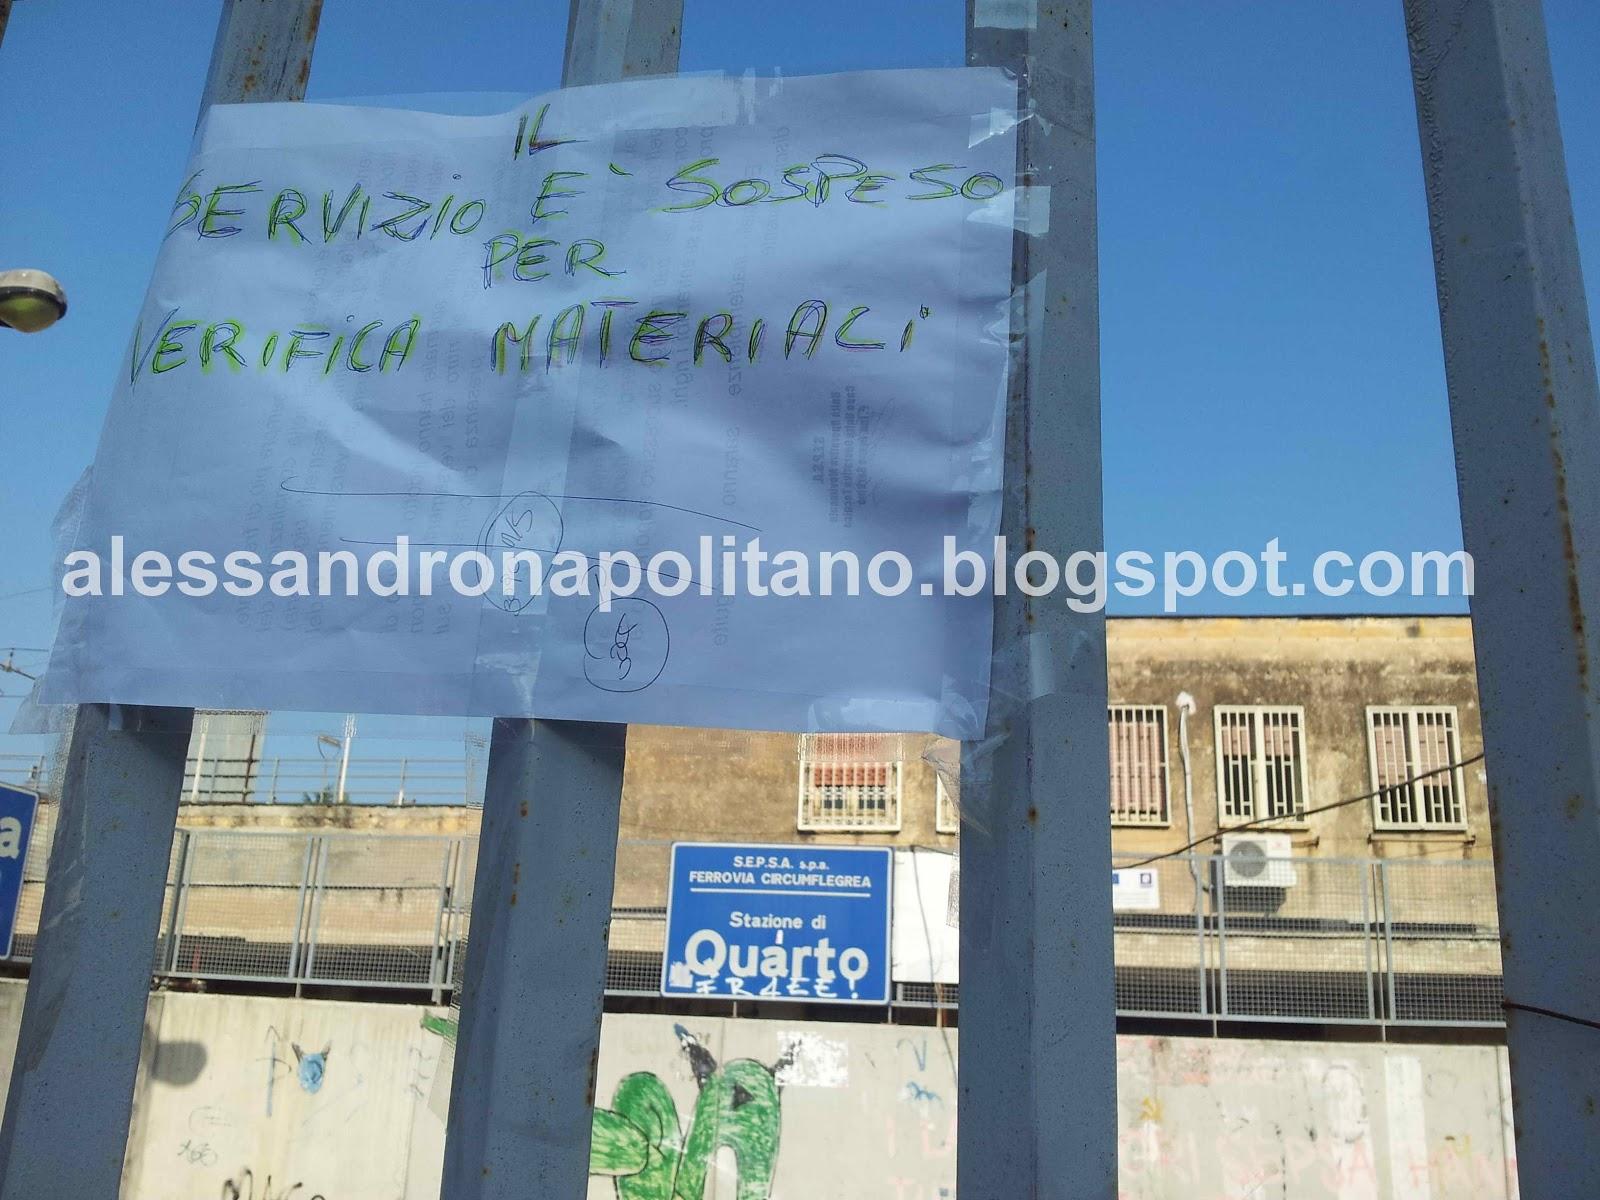 Alessandro napolitano crime blog ottobre 2012 for Piani di casa rambler con seminterrato sciopero